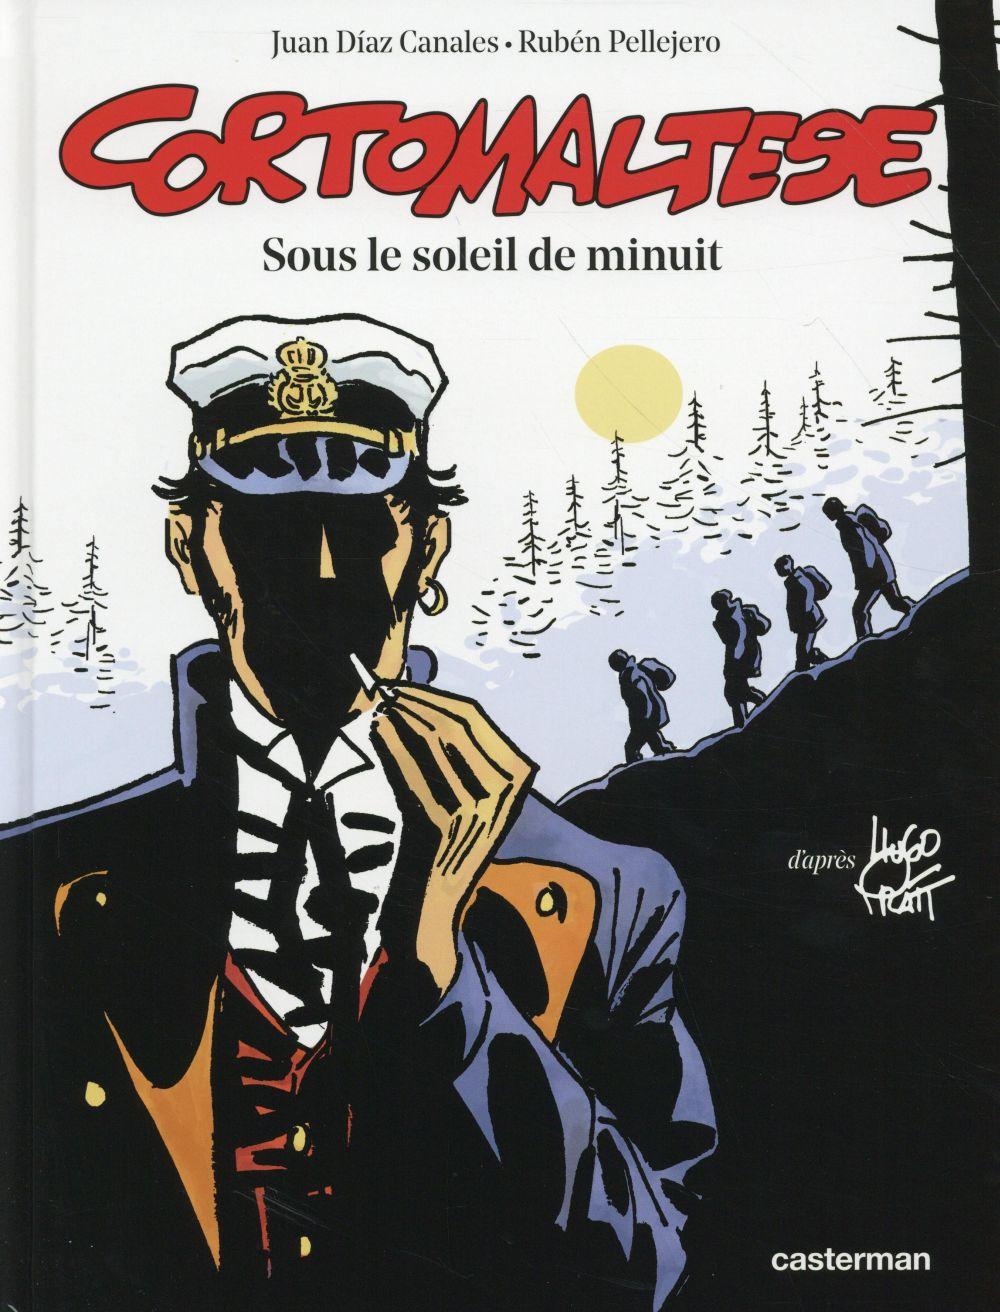 SOUS LE SOLEIL DE MINUIT - CORTO MALTESE - T13 - D'APRES L'OEUVRE D' HUGO PRATT